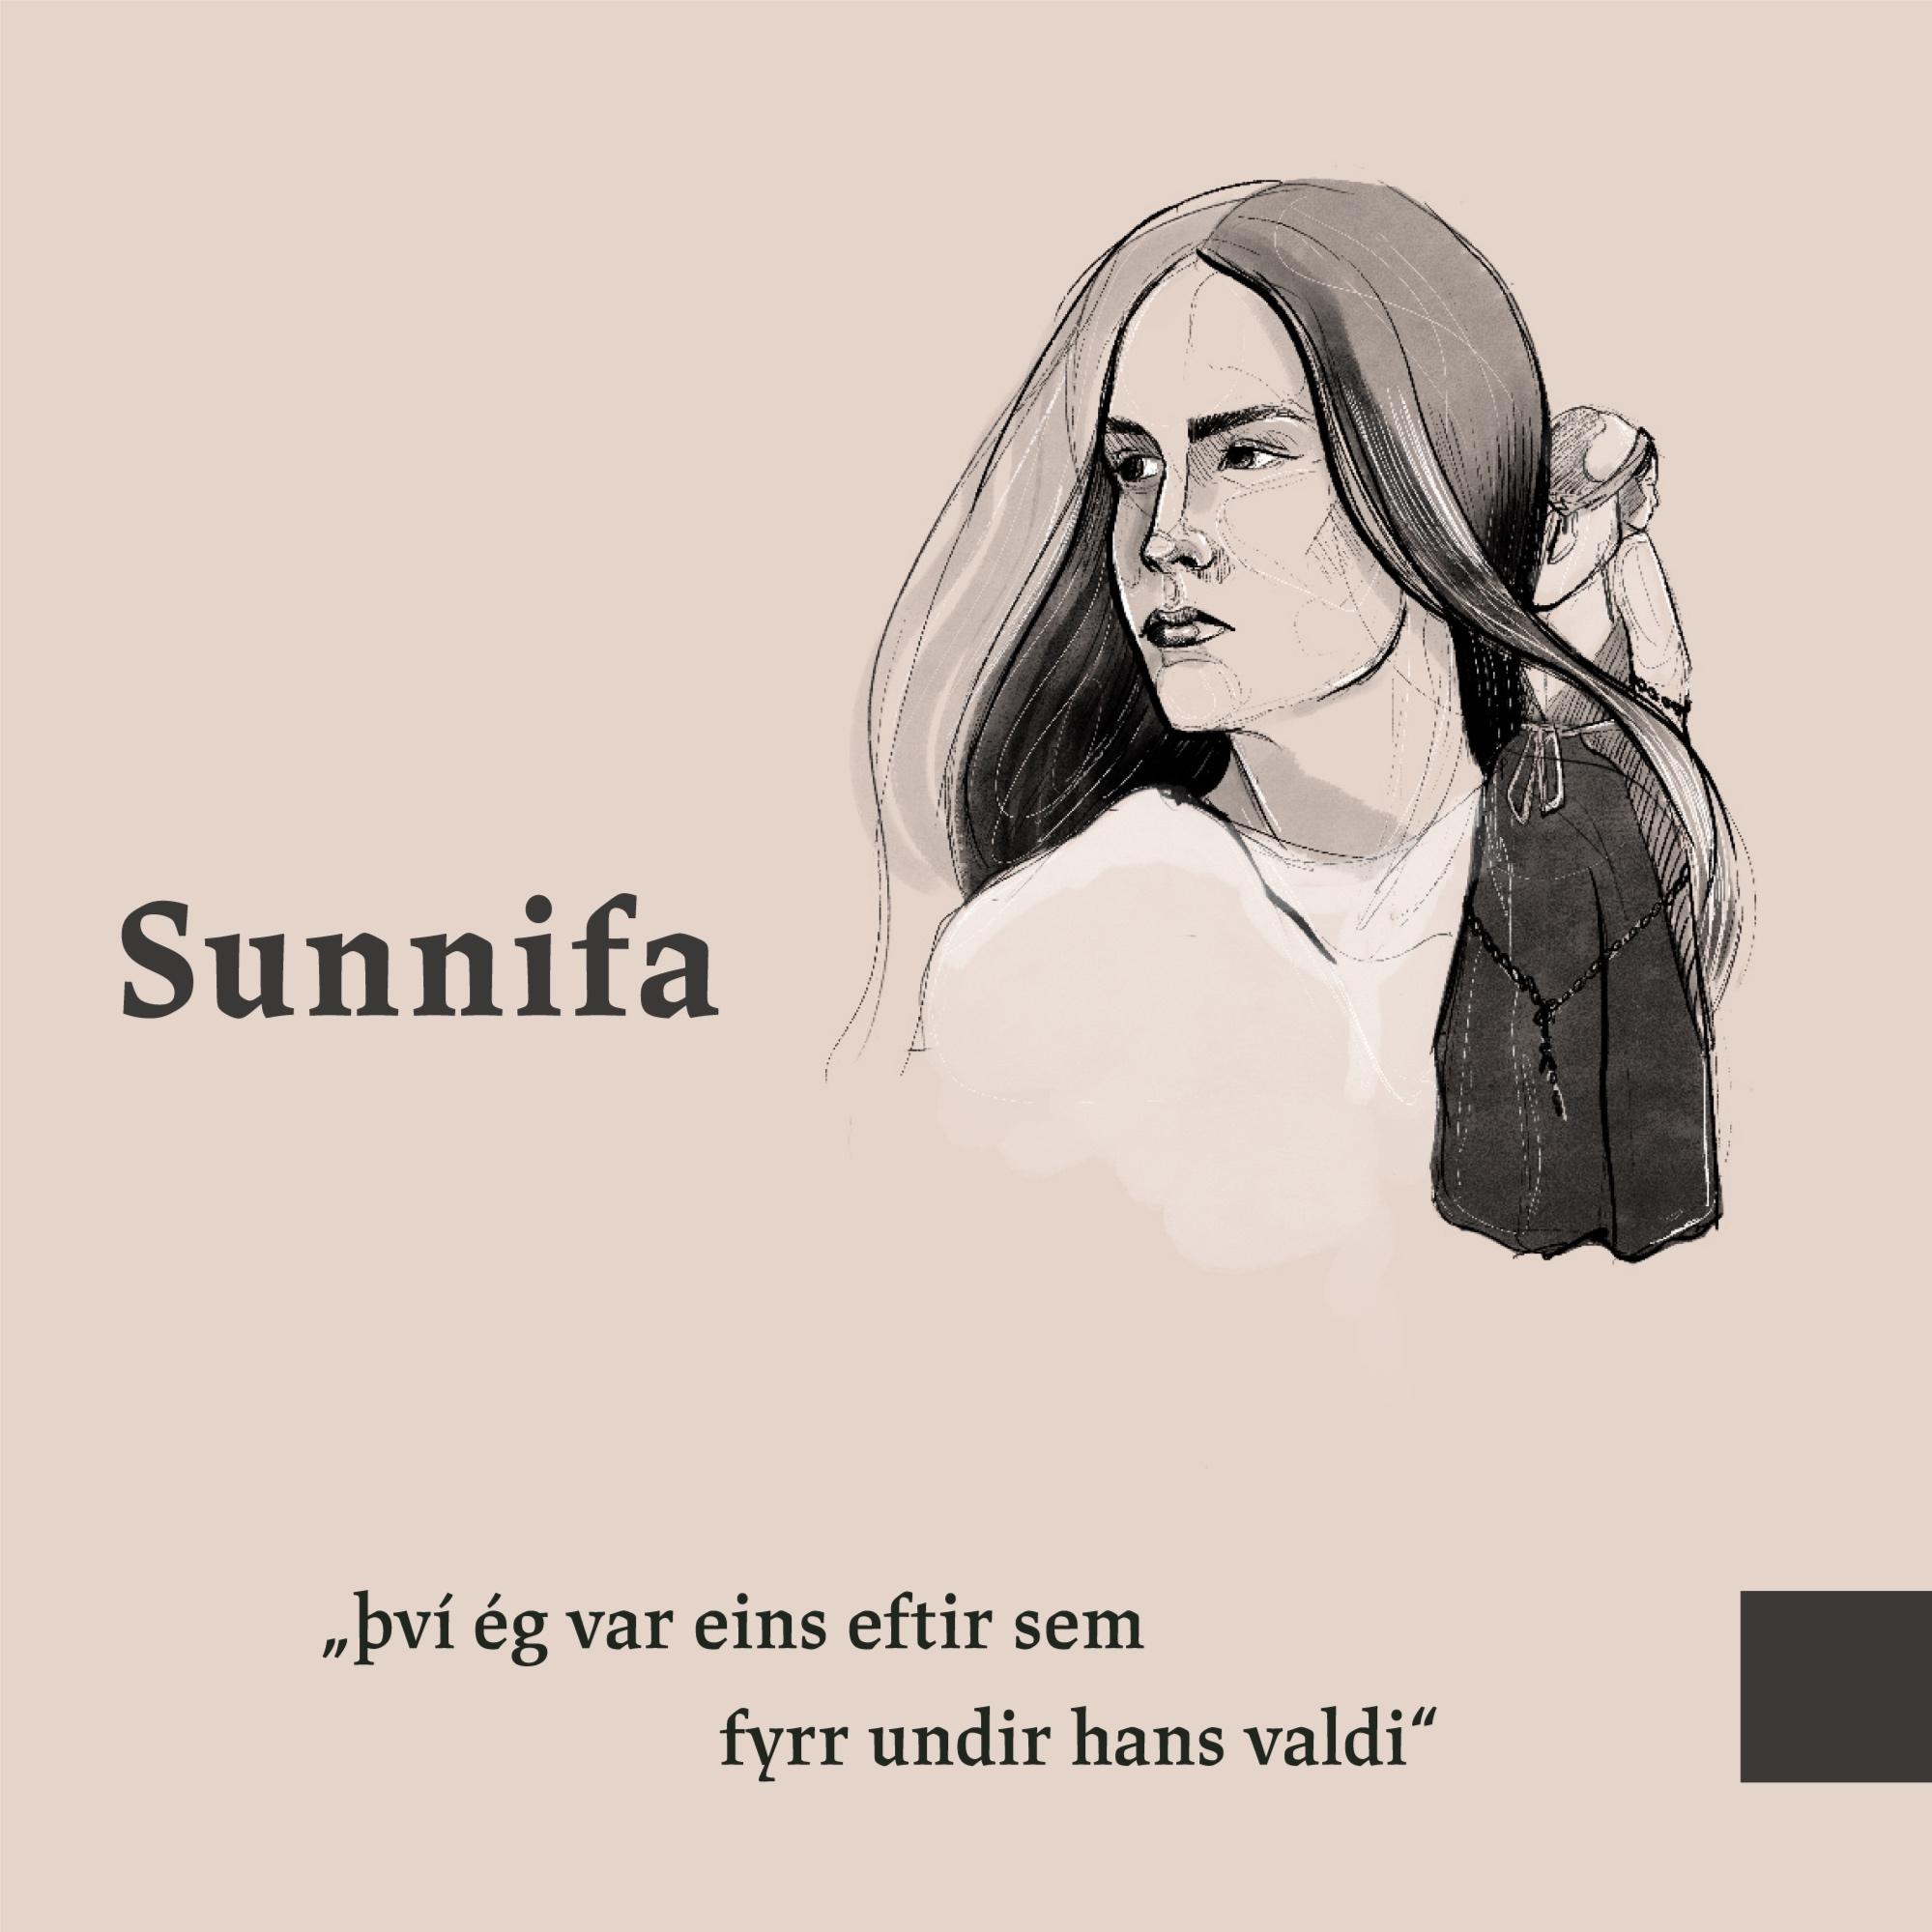 SumarsyningarSlaturhussins_1080x1080_Sunnifa_2x.png